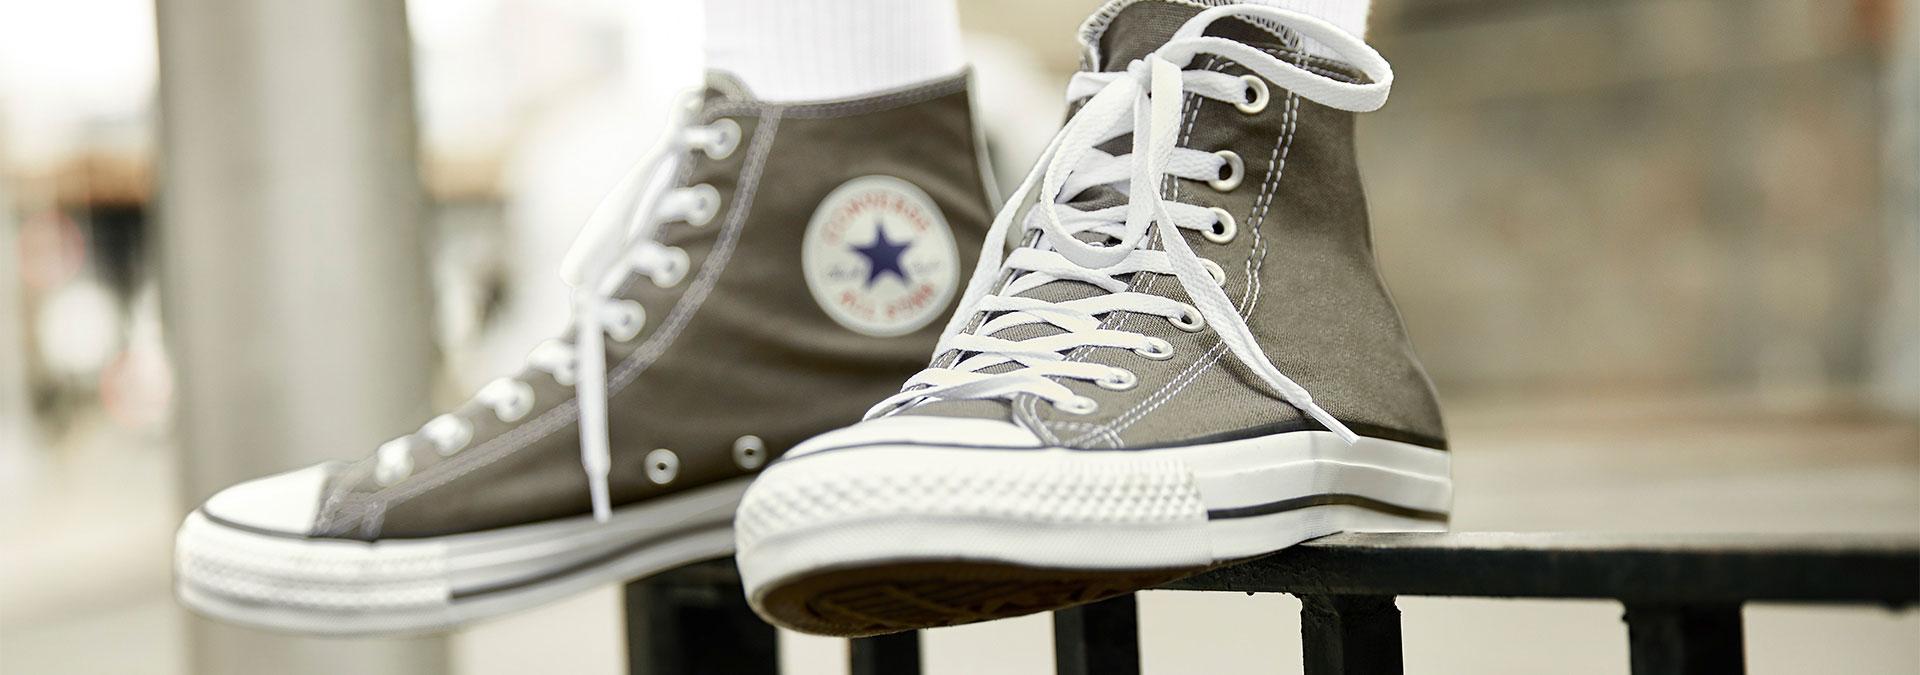 converse schoenen in wasmachine